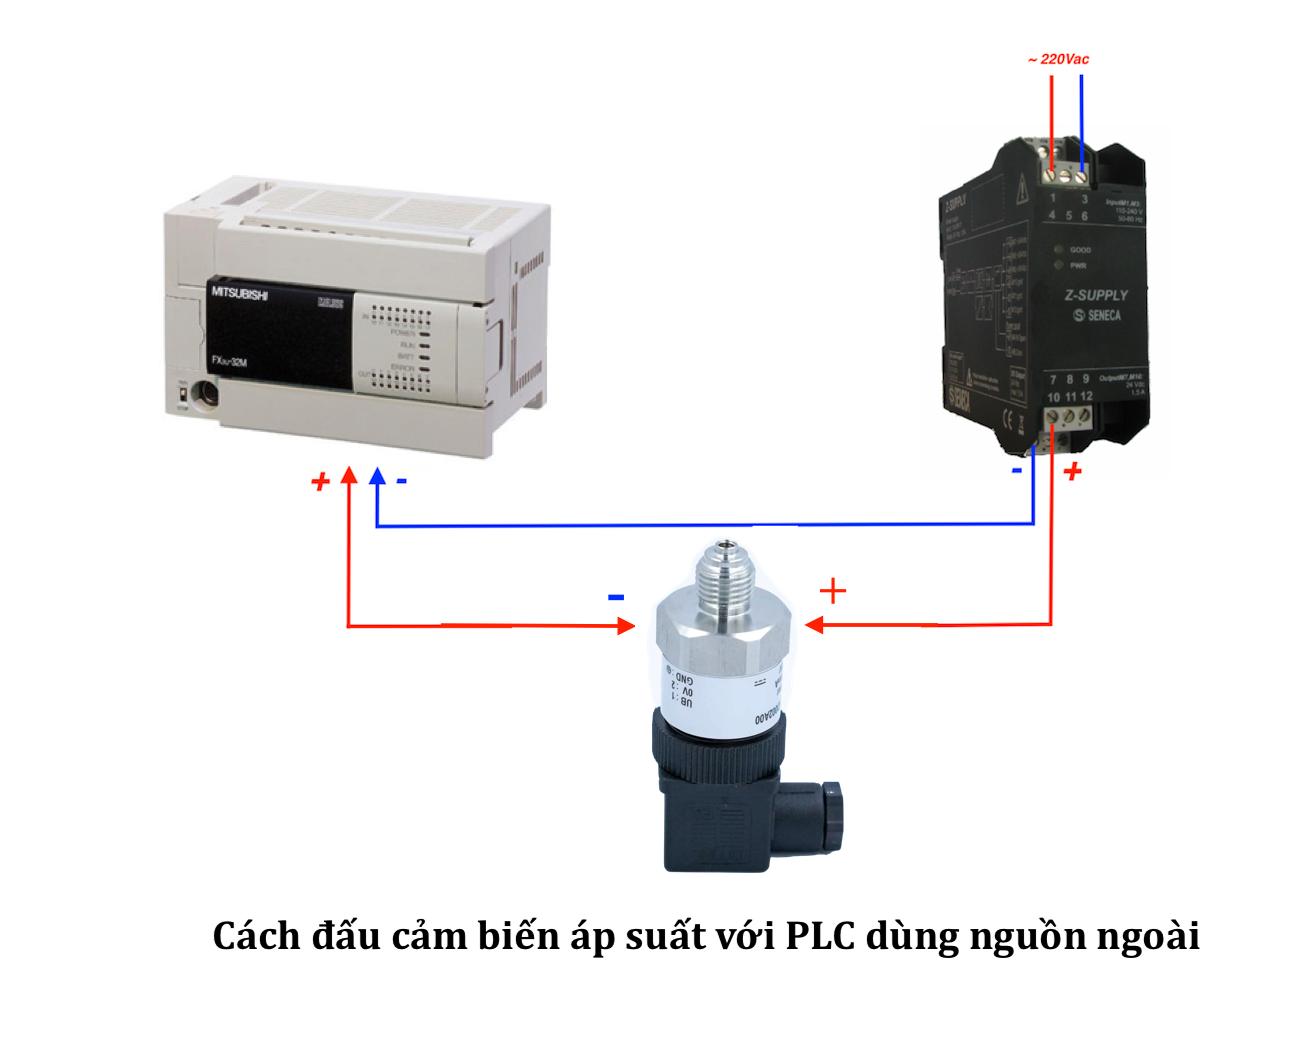 Cảm biến áp suất 2 dây dùng nguồn 24V